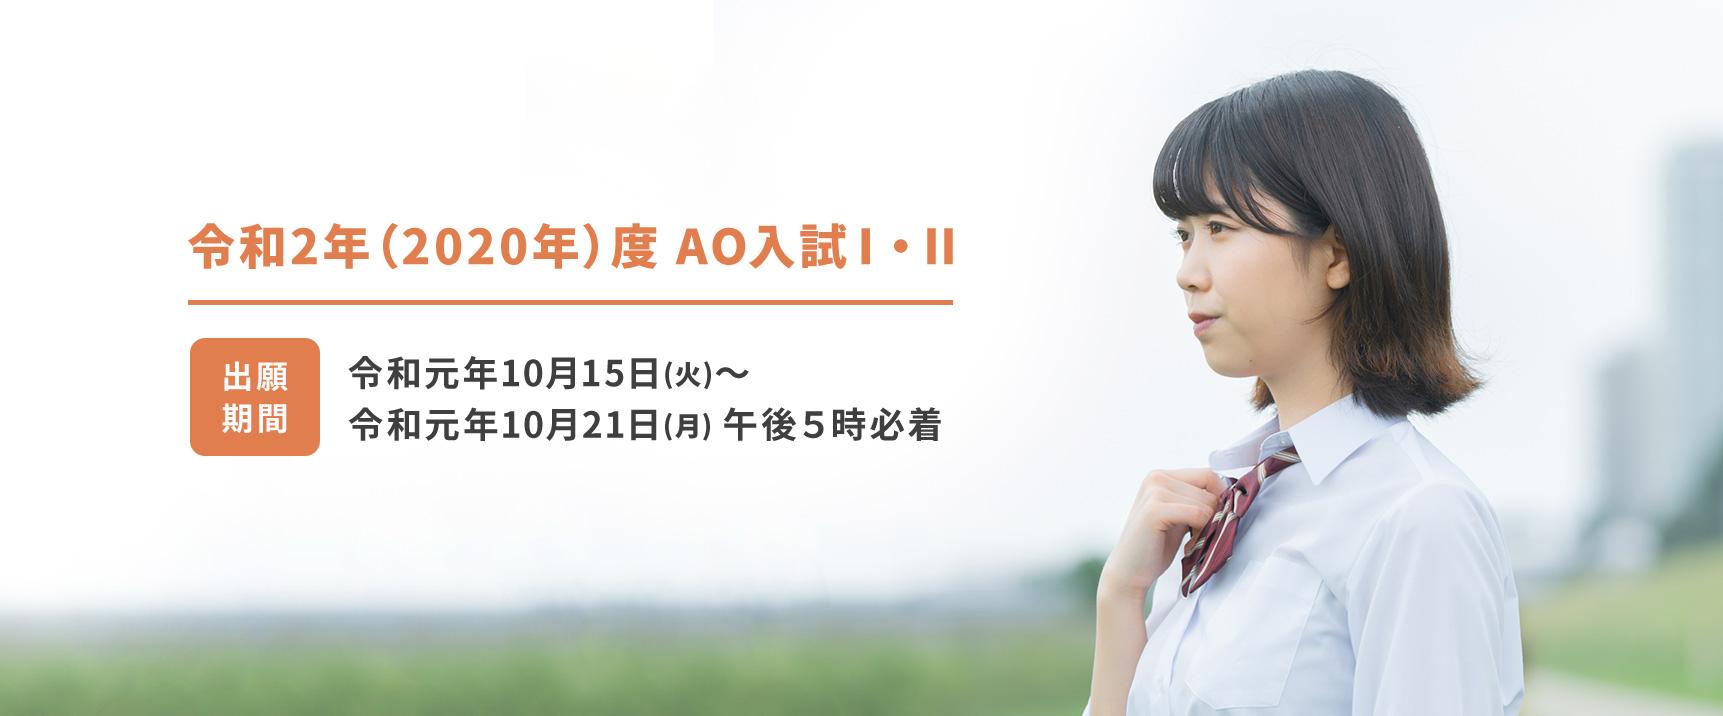 令和2年度(2020年) AO入試 出願期間 10月15日~21日